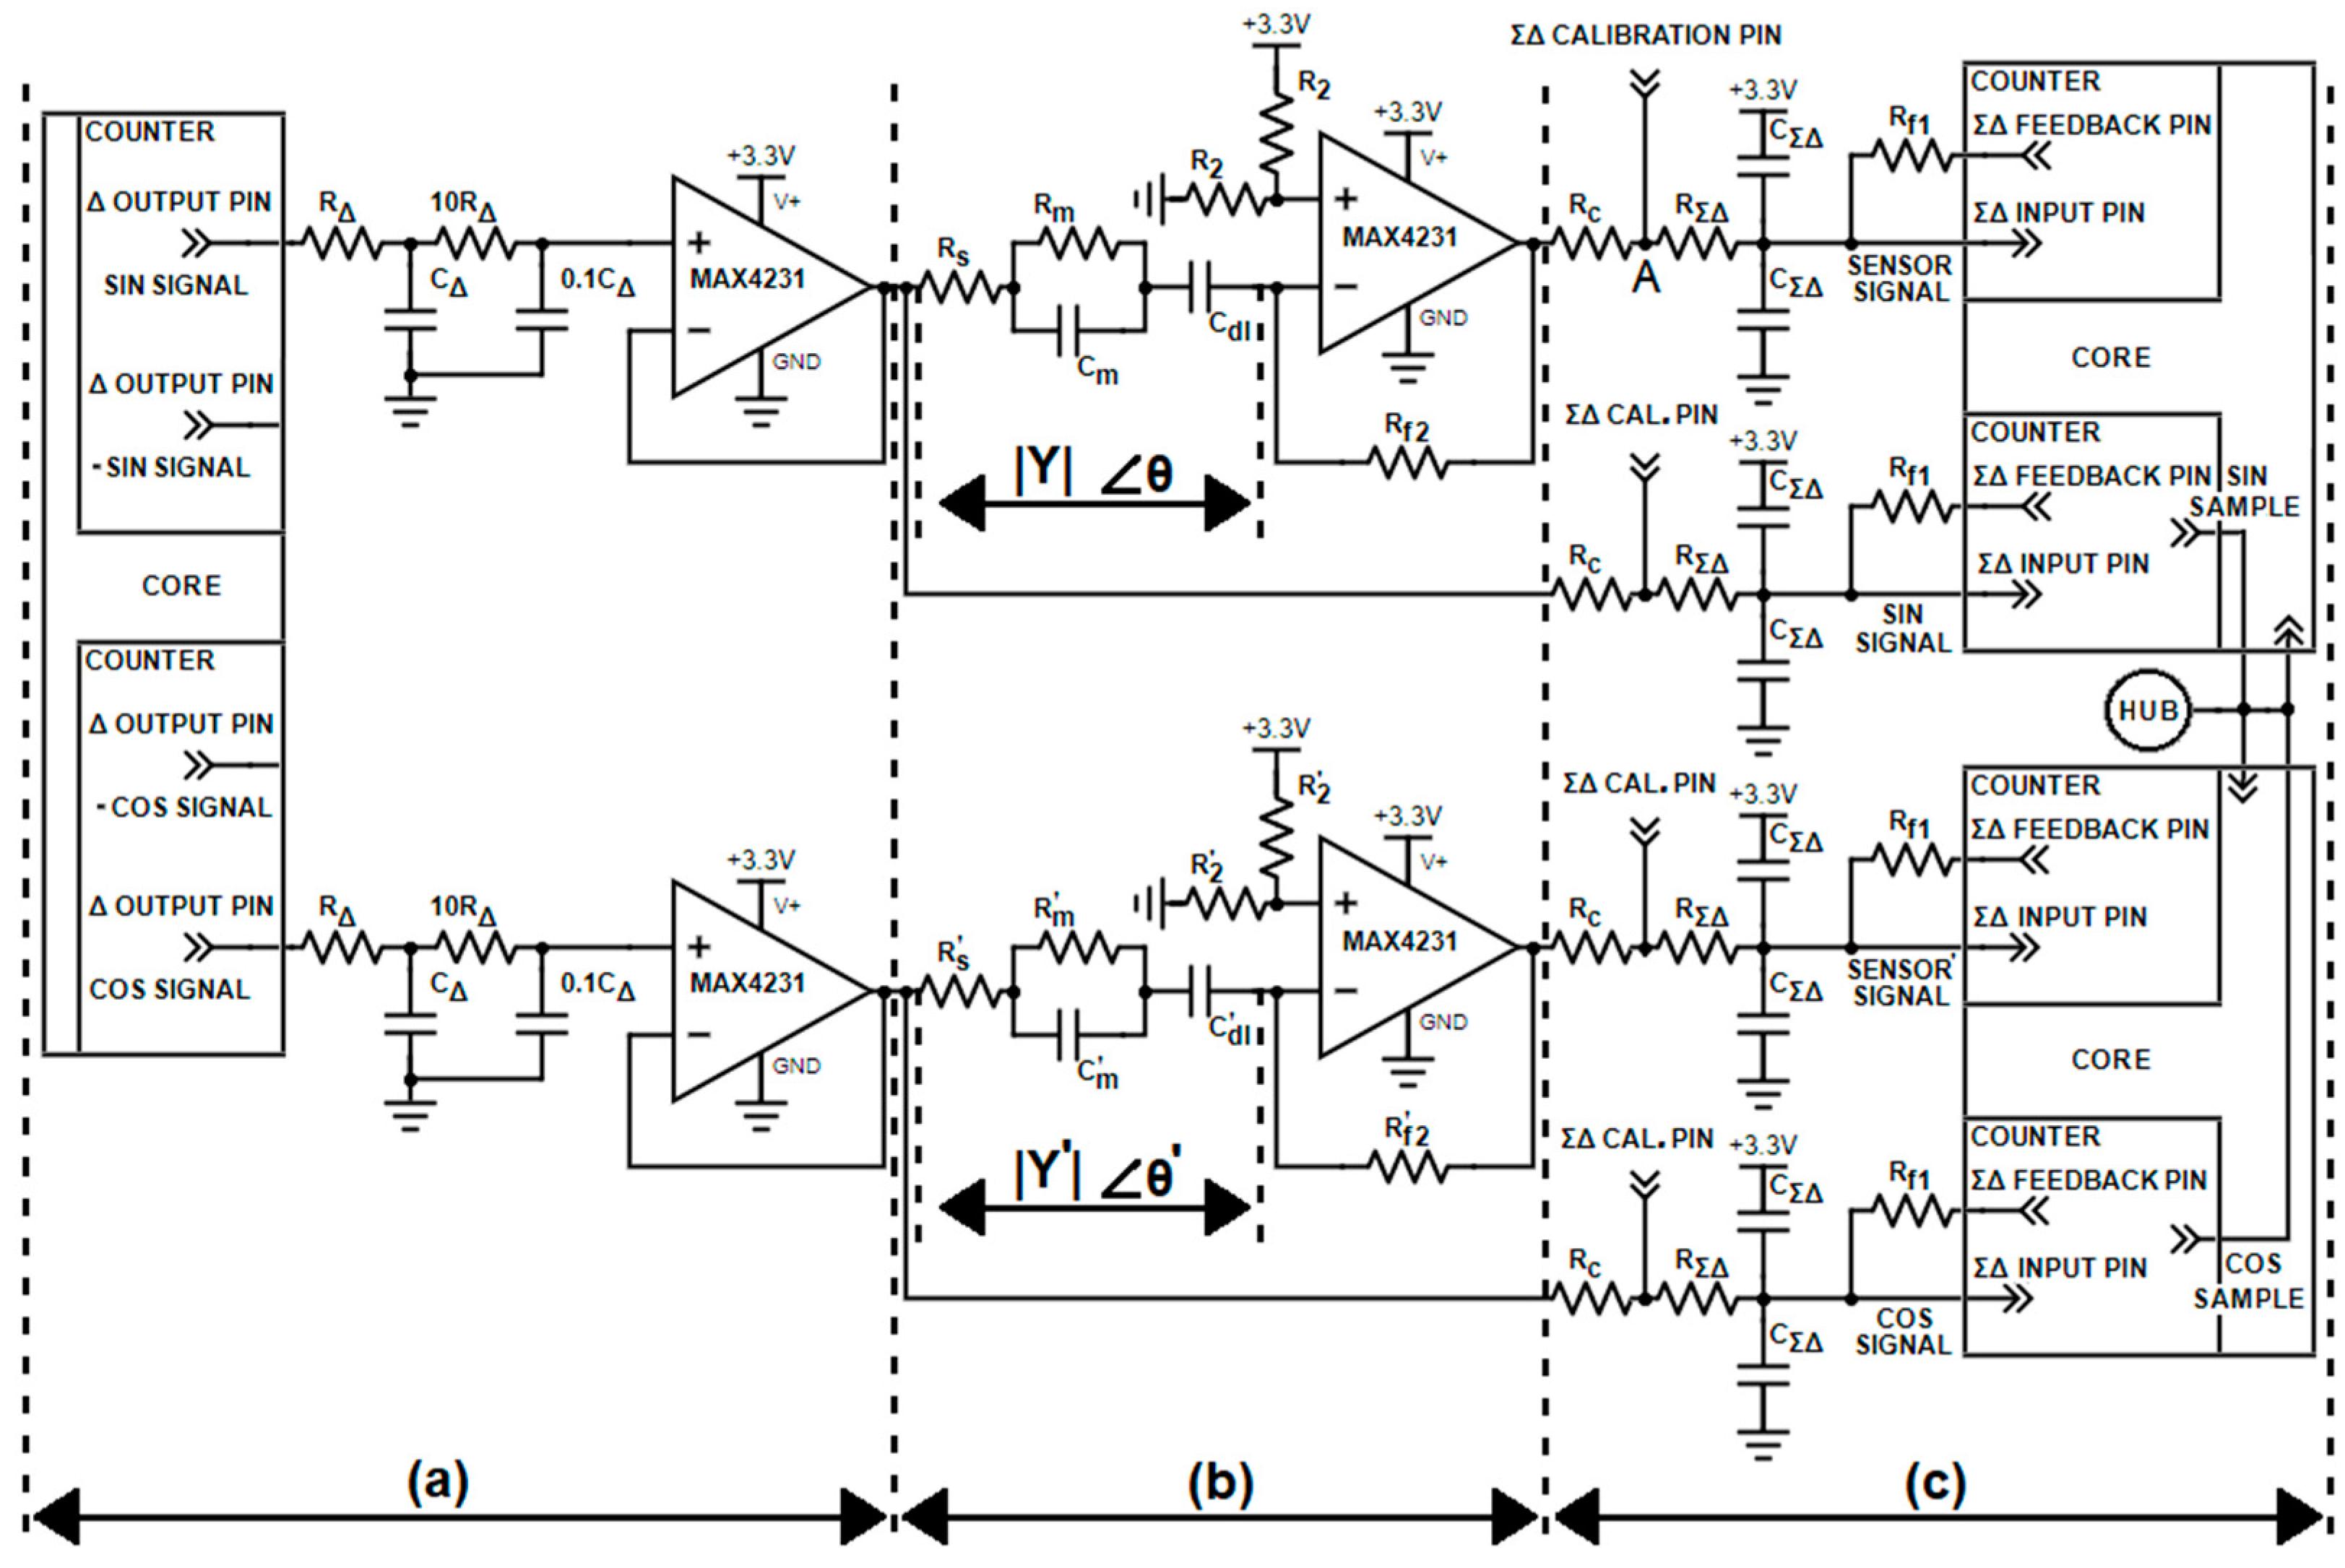 3 Phase Heating Element Wiring Diagram - Free Wiring Diagram